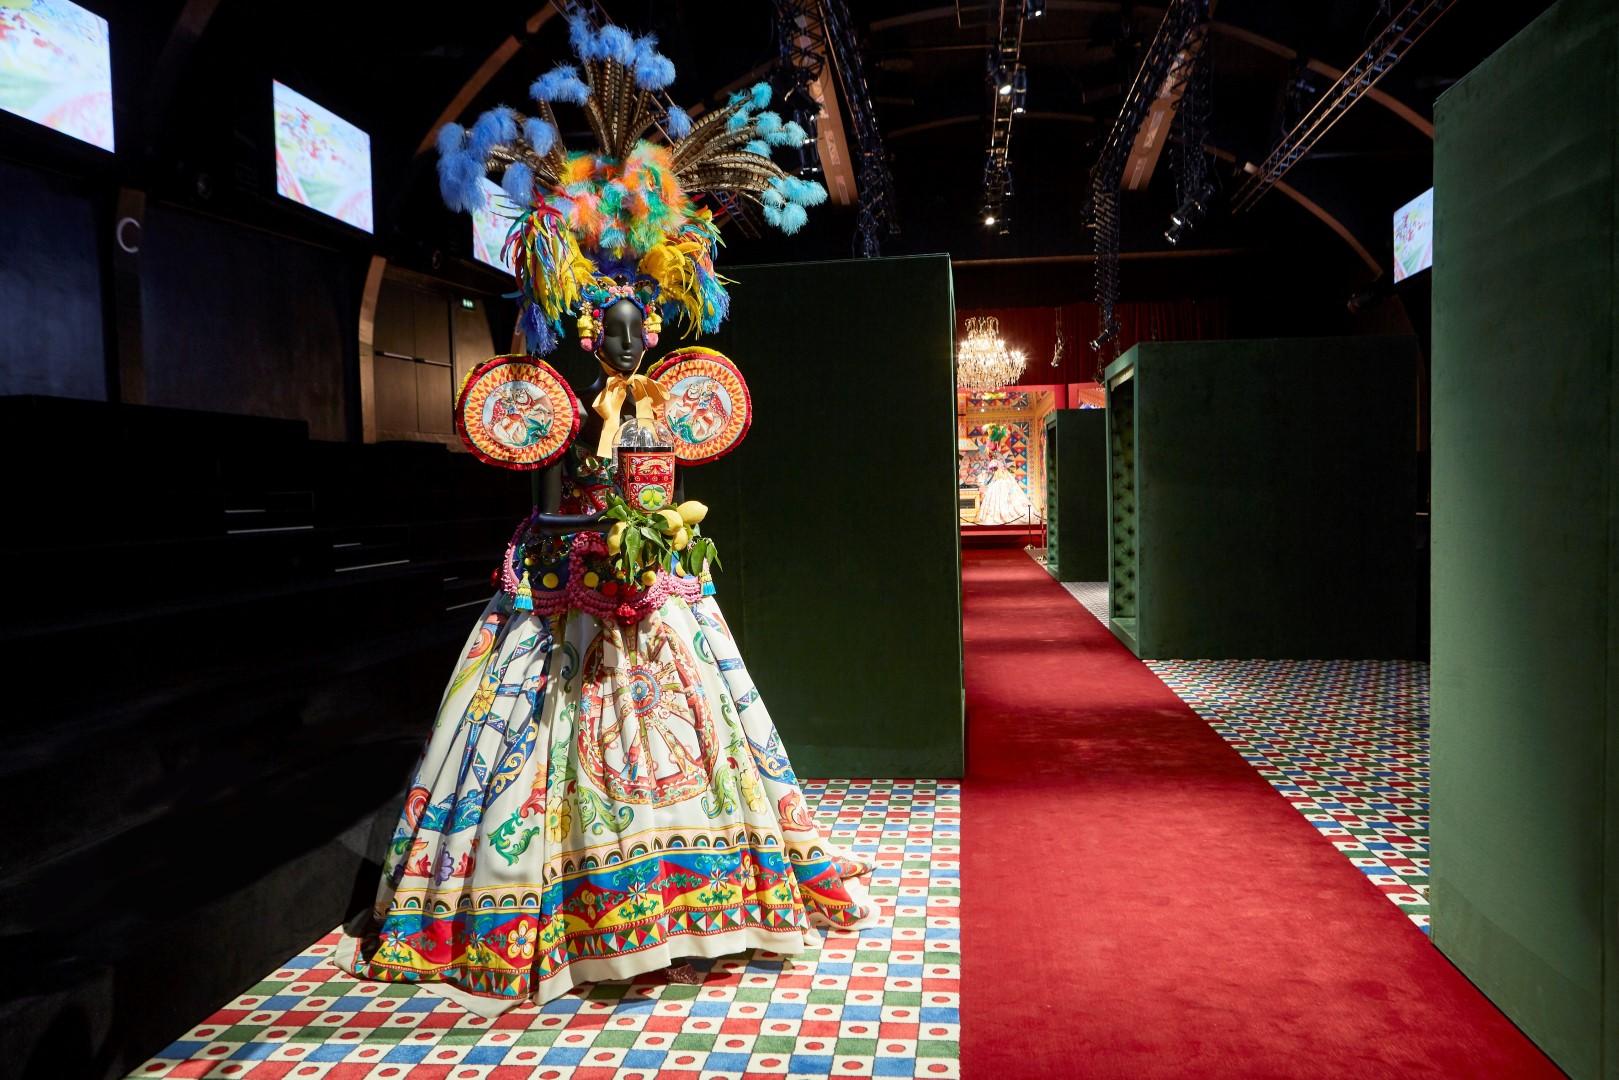 Fuorisalone 2019 Dolce & Gabbana Smeg